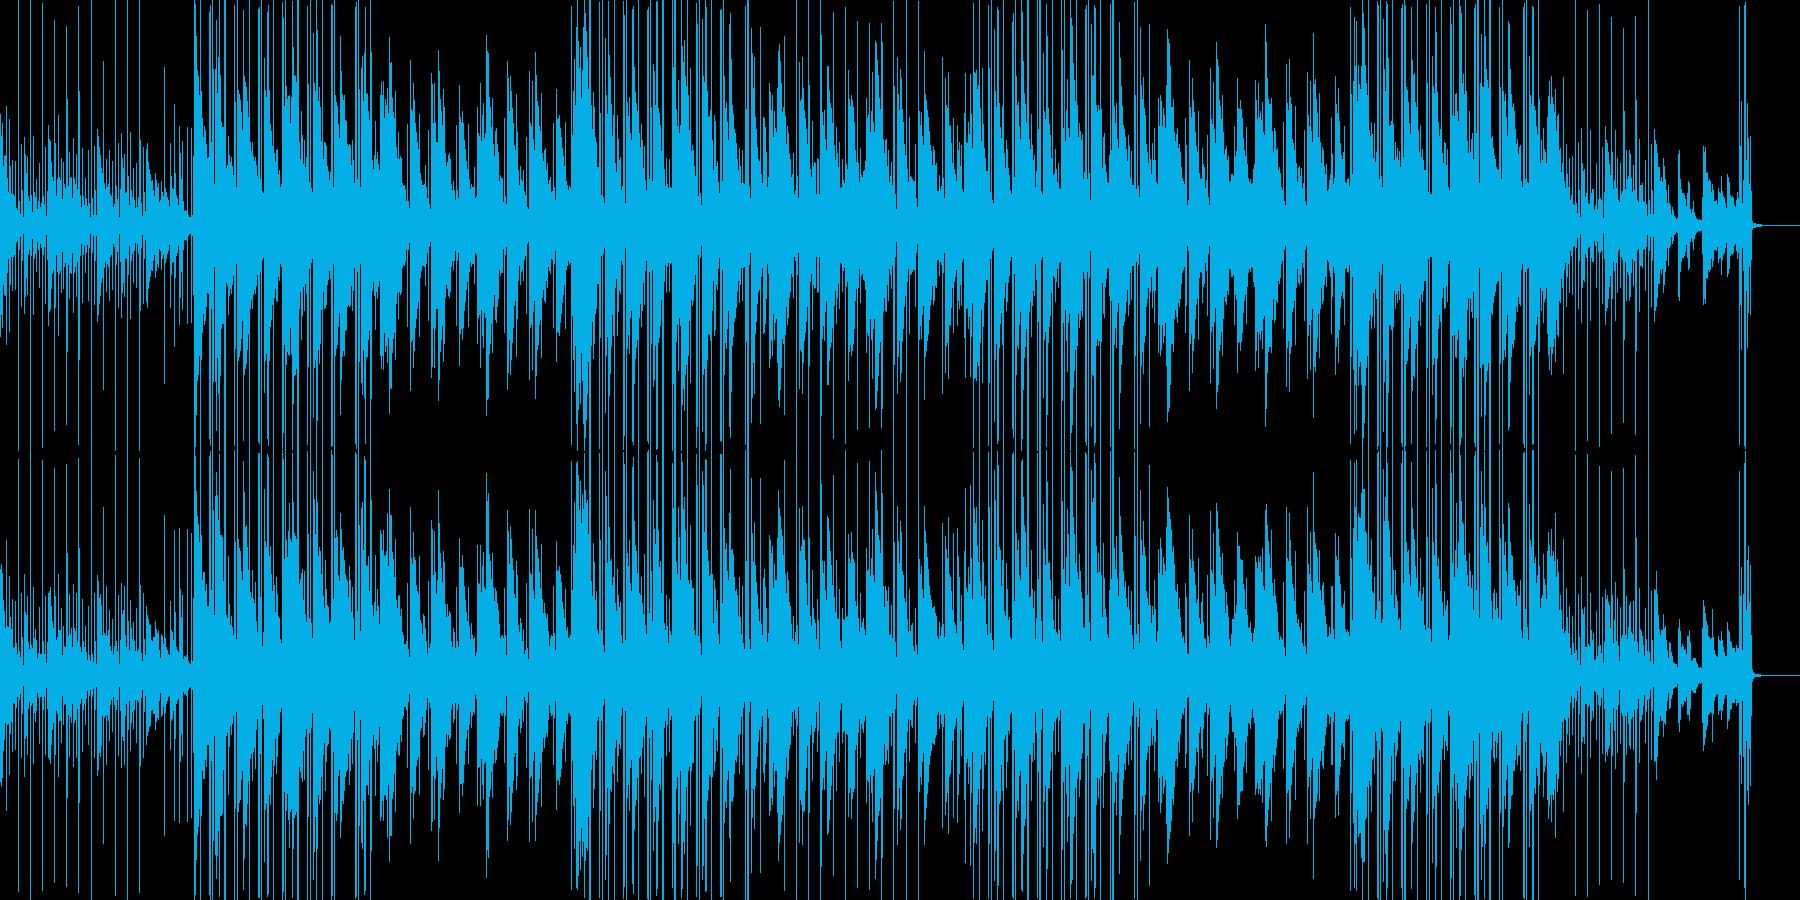 切なく美しいメロディの和風ヒップホップの再生済みの波形